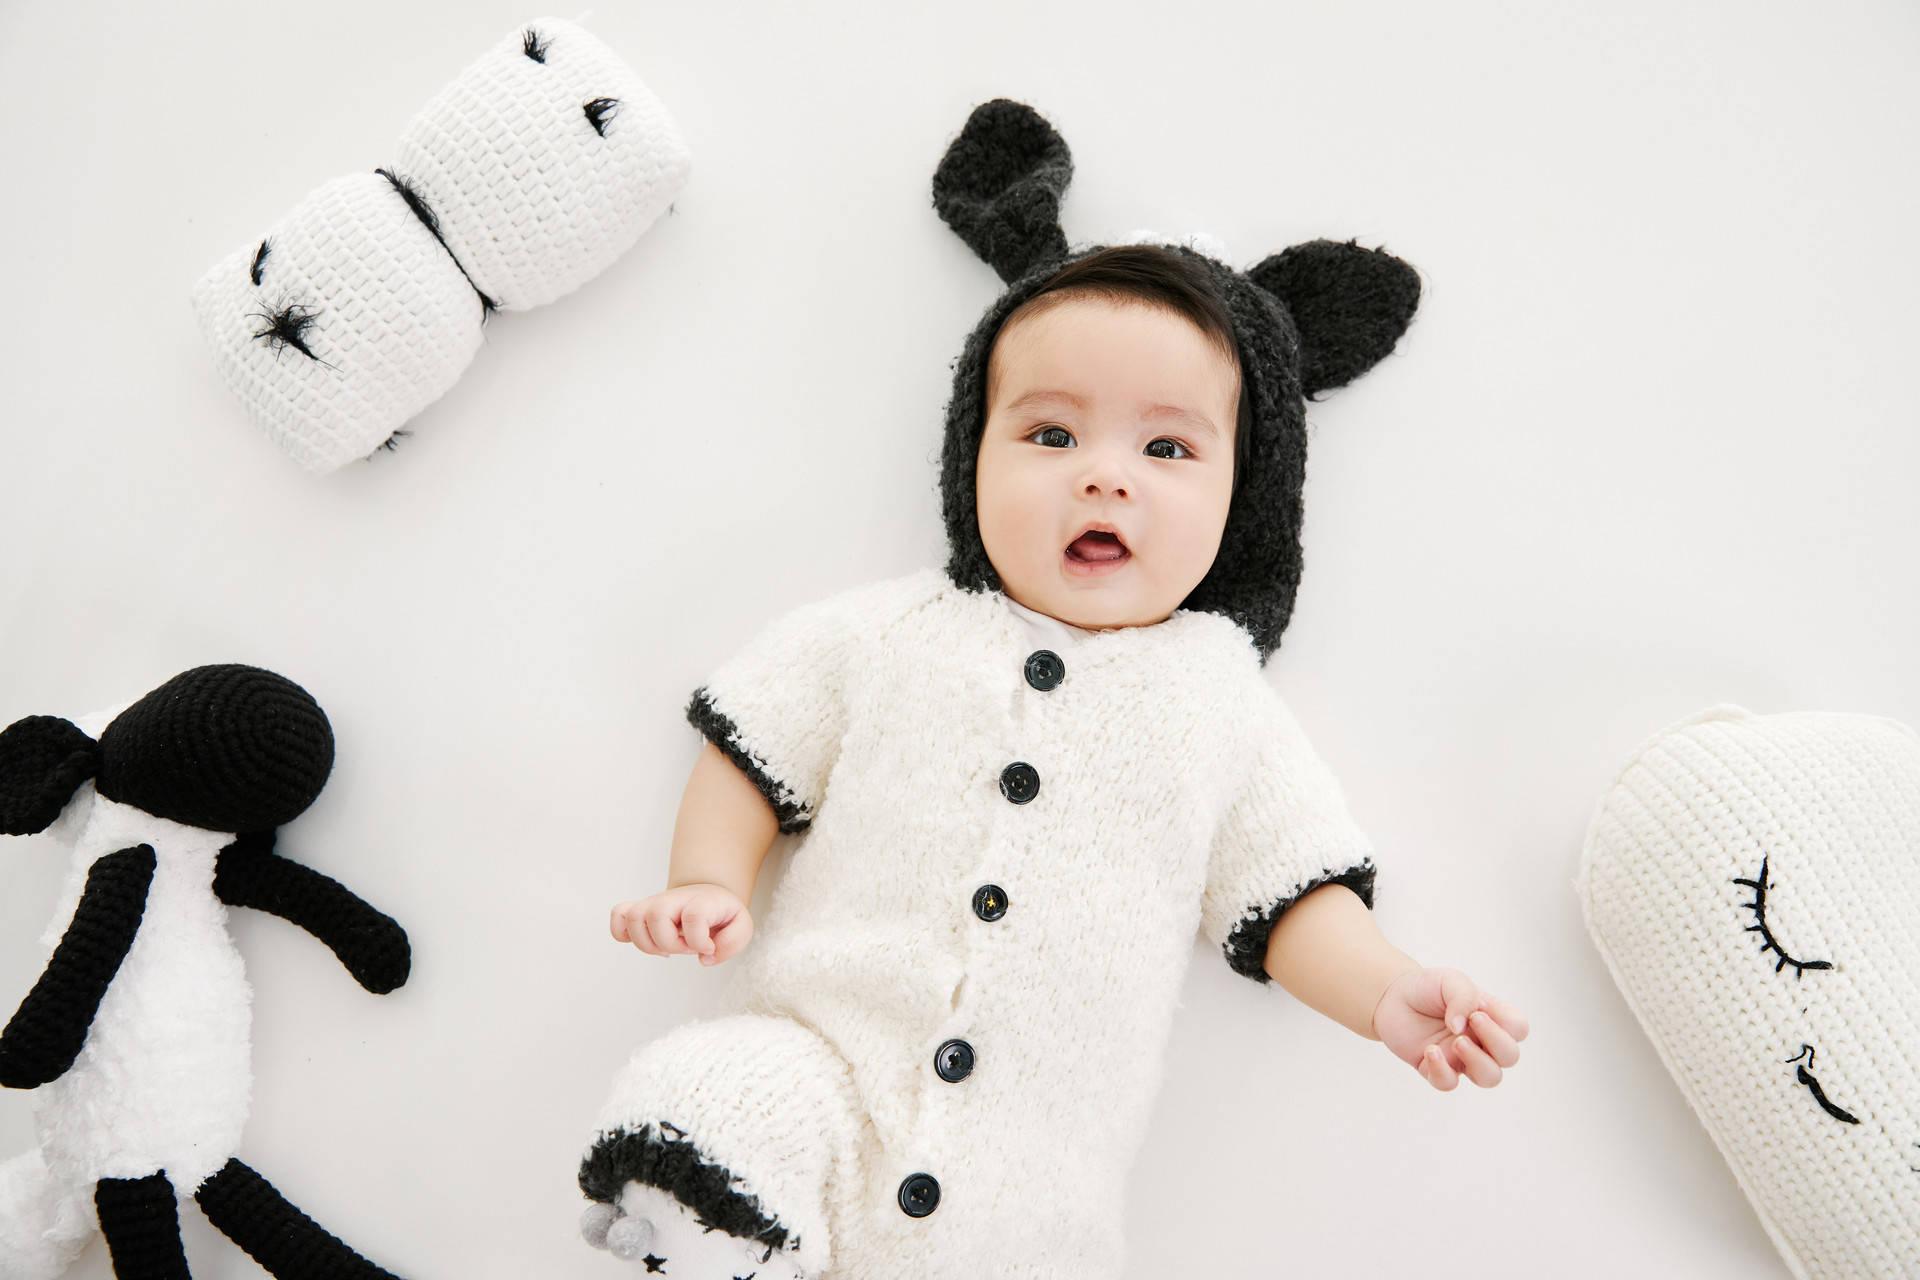 宝宝百天身体变化大,掌握四个养育要点,让孩子长得快少生病  第8张